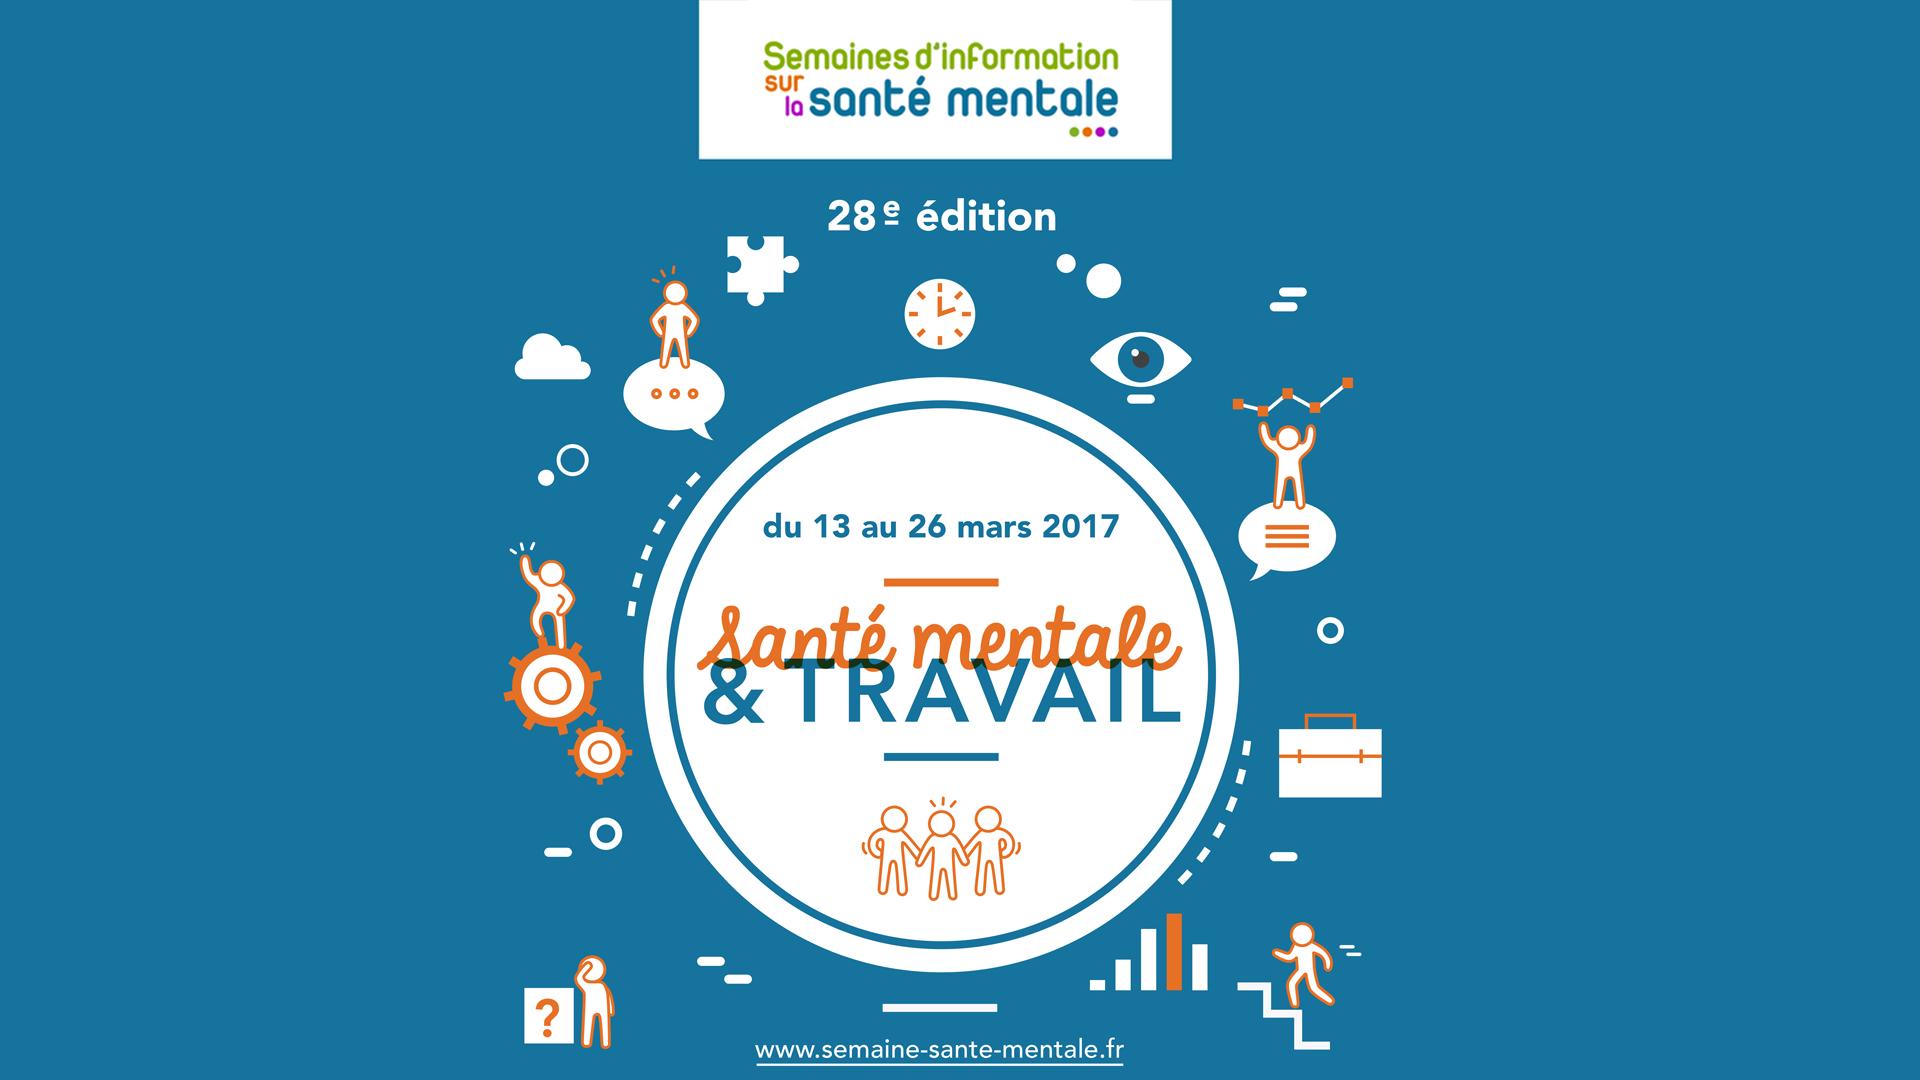 Semaine d'Information sur la Santé Mentale du 13 au 20 mars 2017